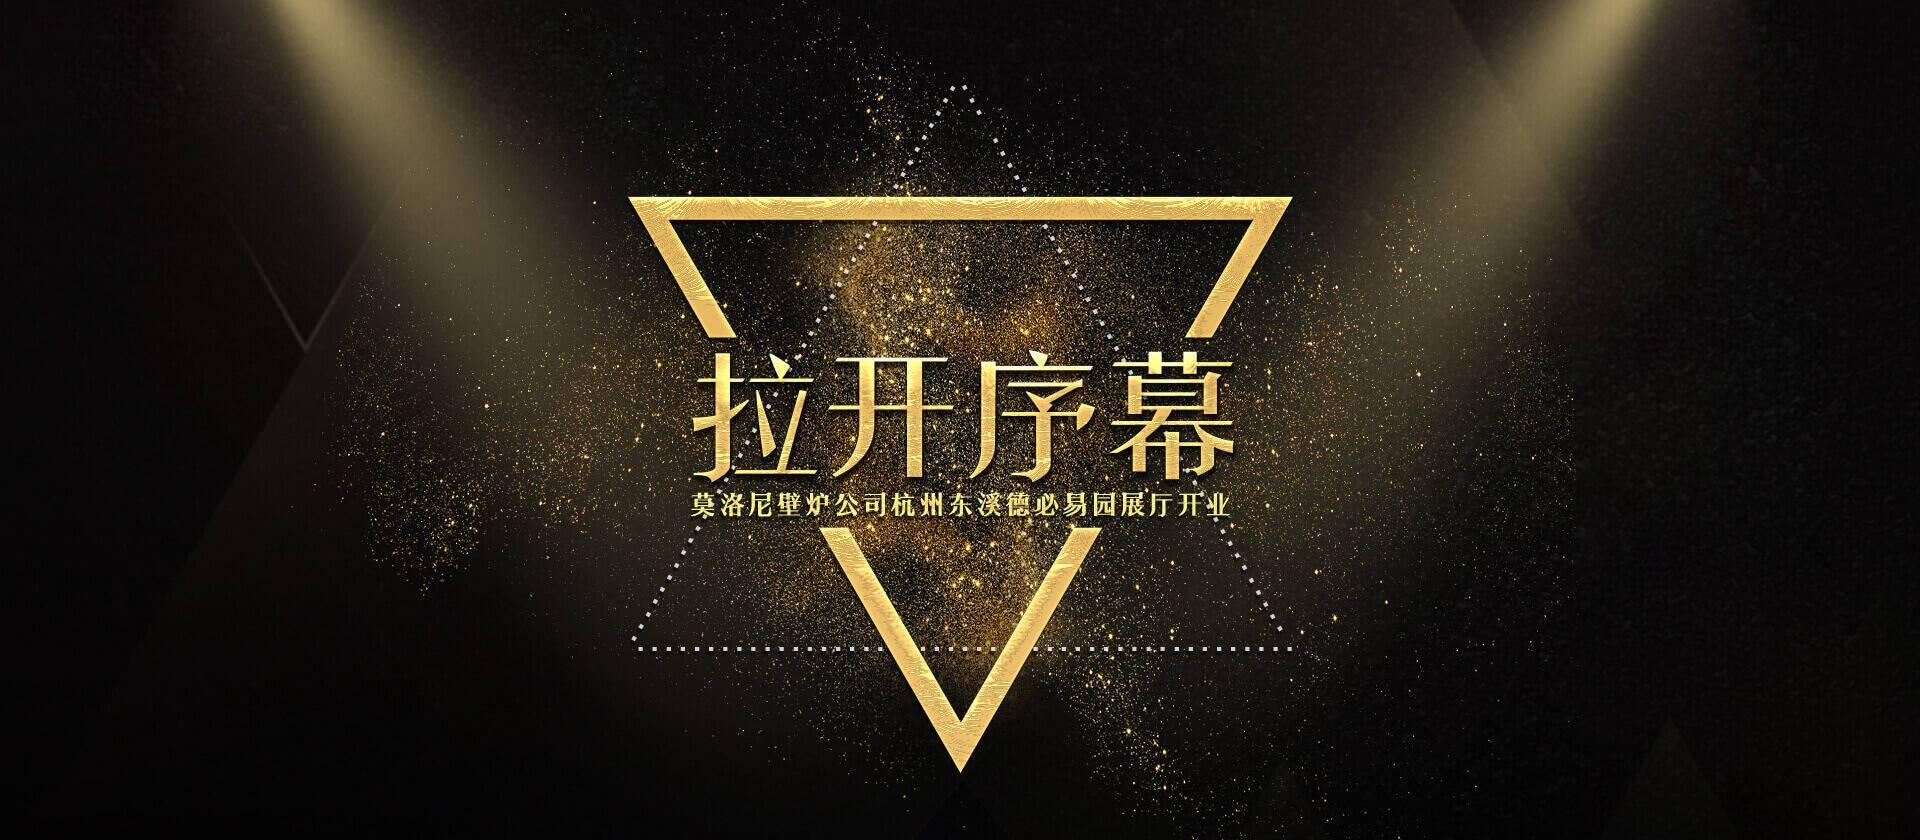 莫洛尼壁炉杭州开幕